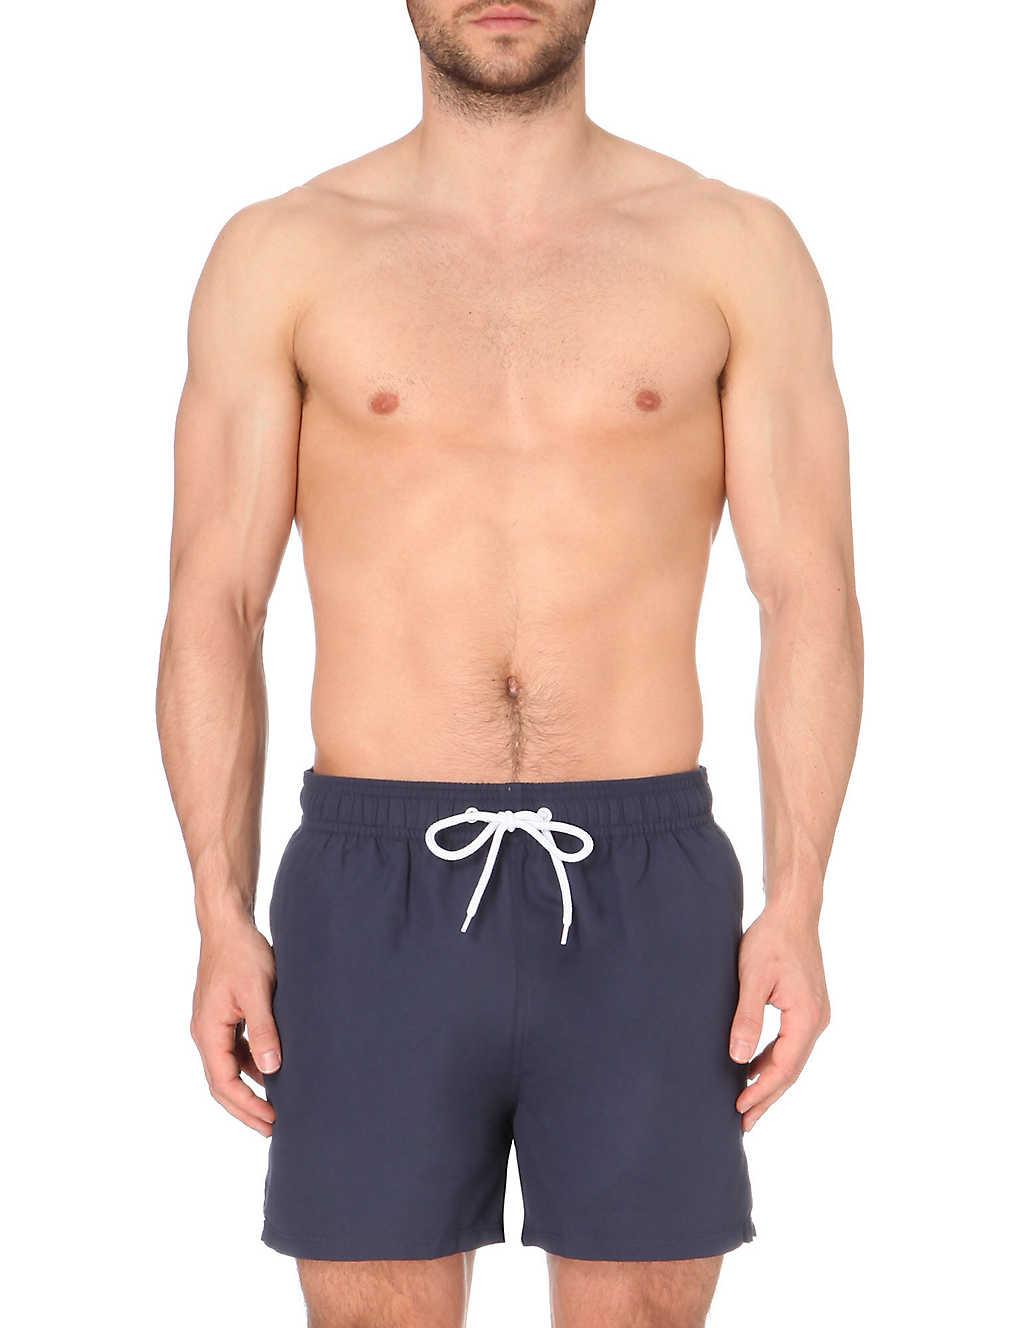 c8f2af9c93 REISS - Thompson swim shorts | Selfridges.com